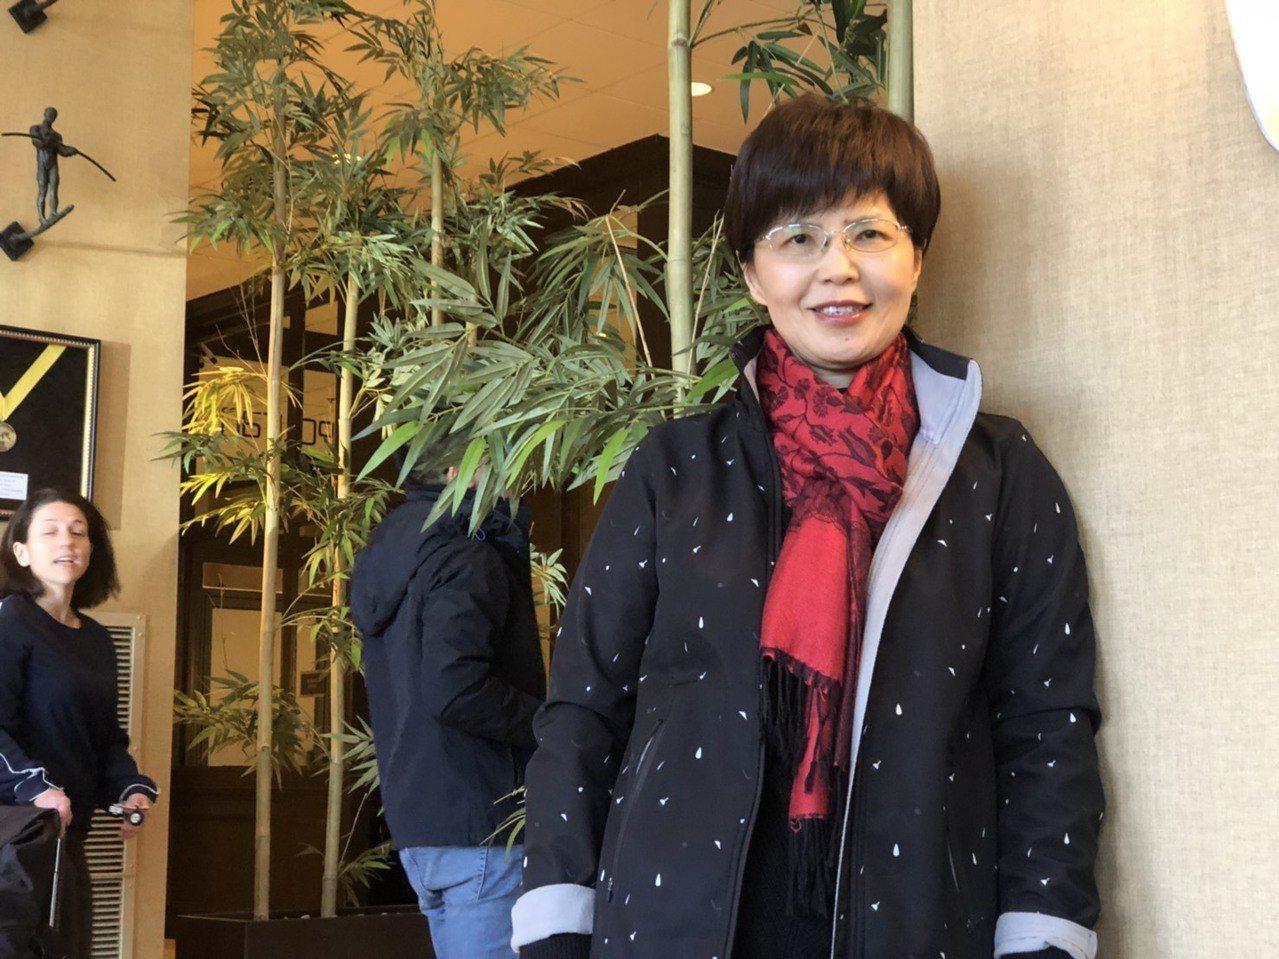 國立中山大學政治研究所特聘教授廖達琪說,韓的聲明算是投出「漂亮的變化球」,暫時解...